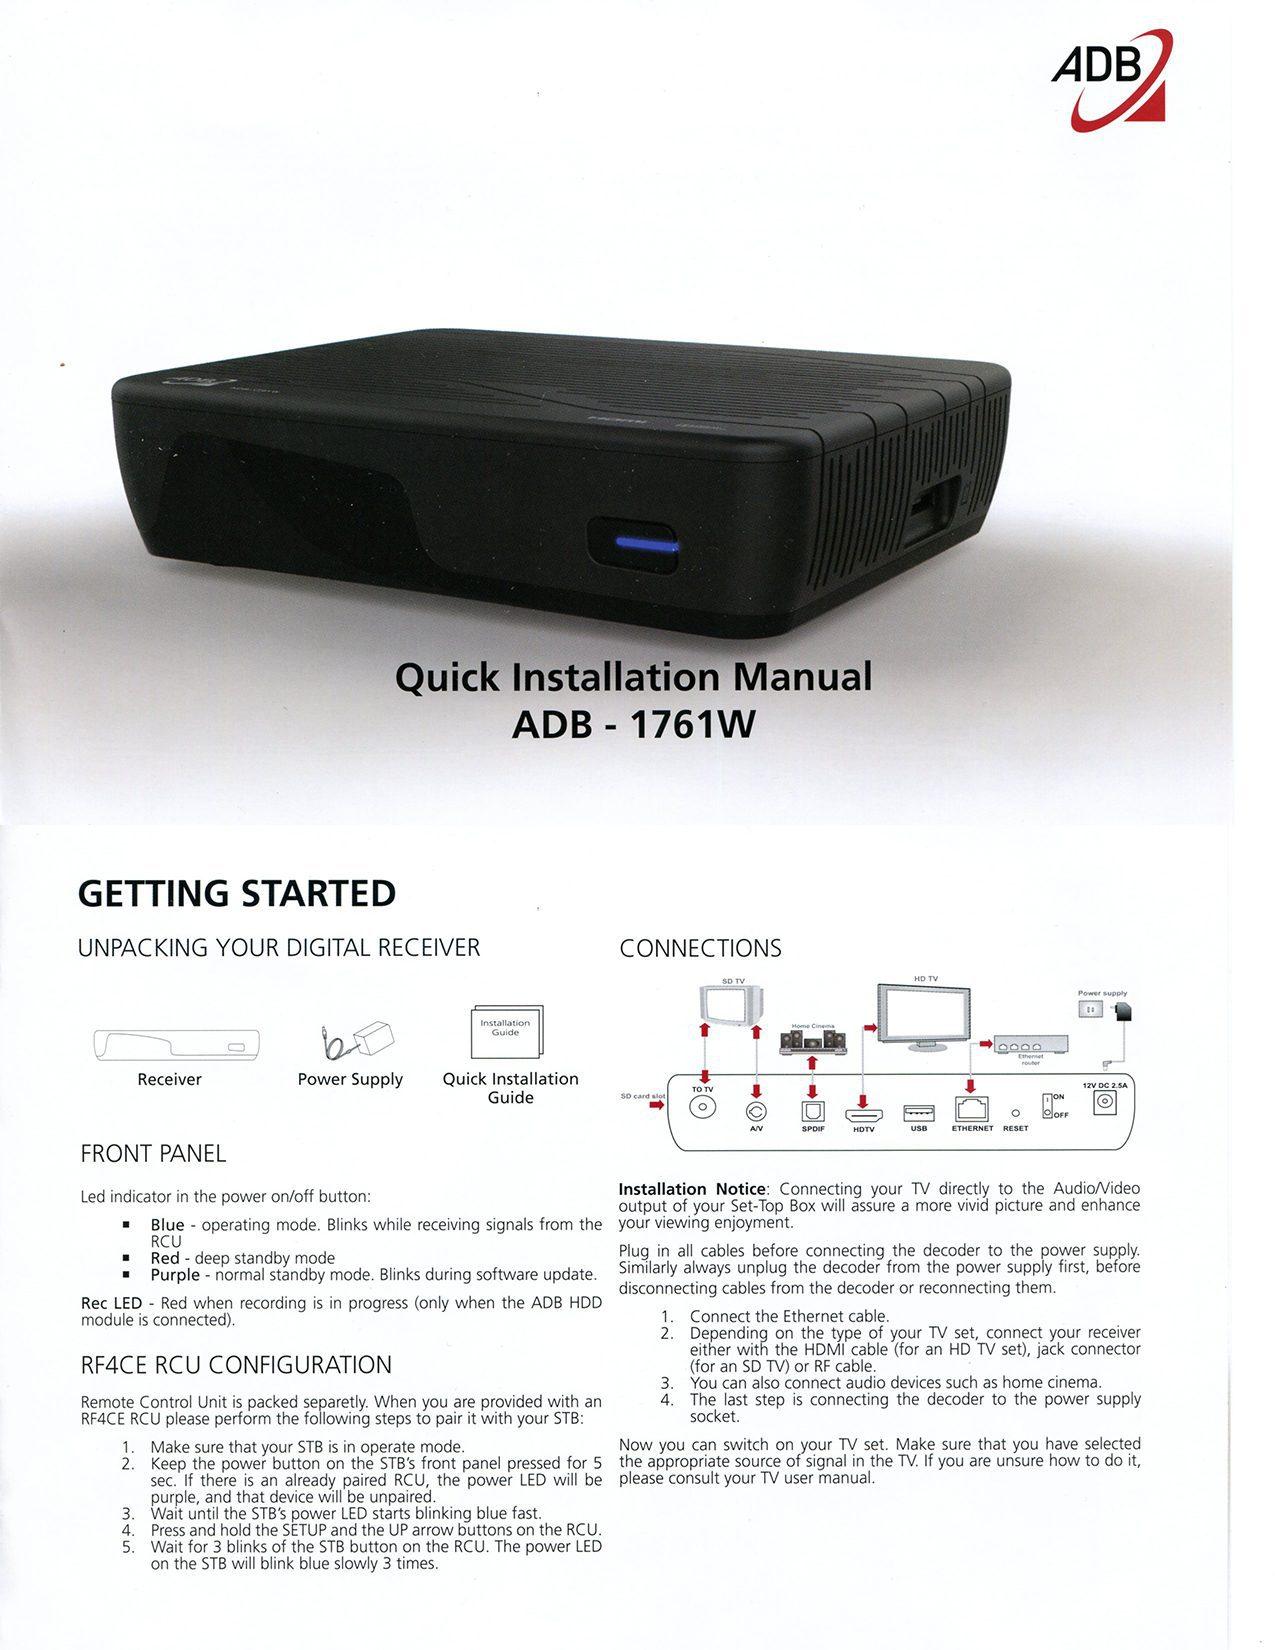 61+ Adb 3800w Manual - Adb Model 3800 W Manual, AAL 2009 2